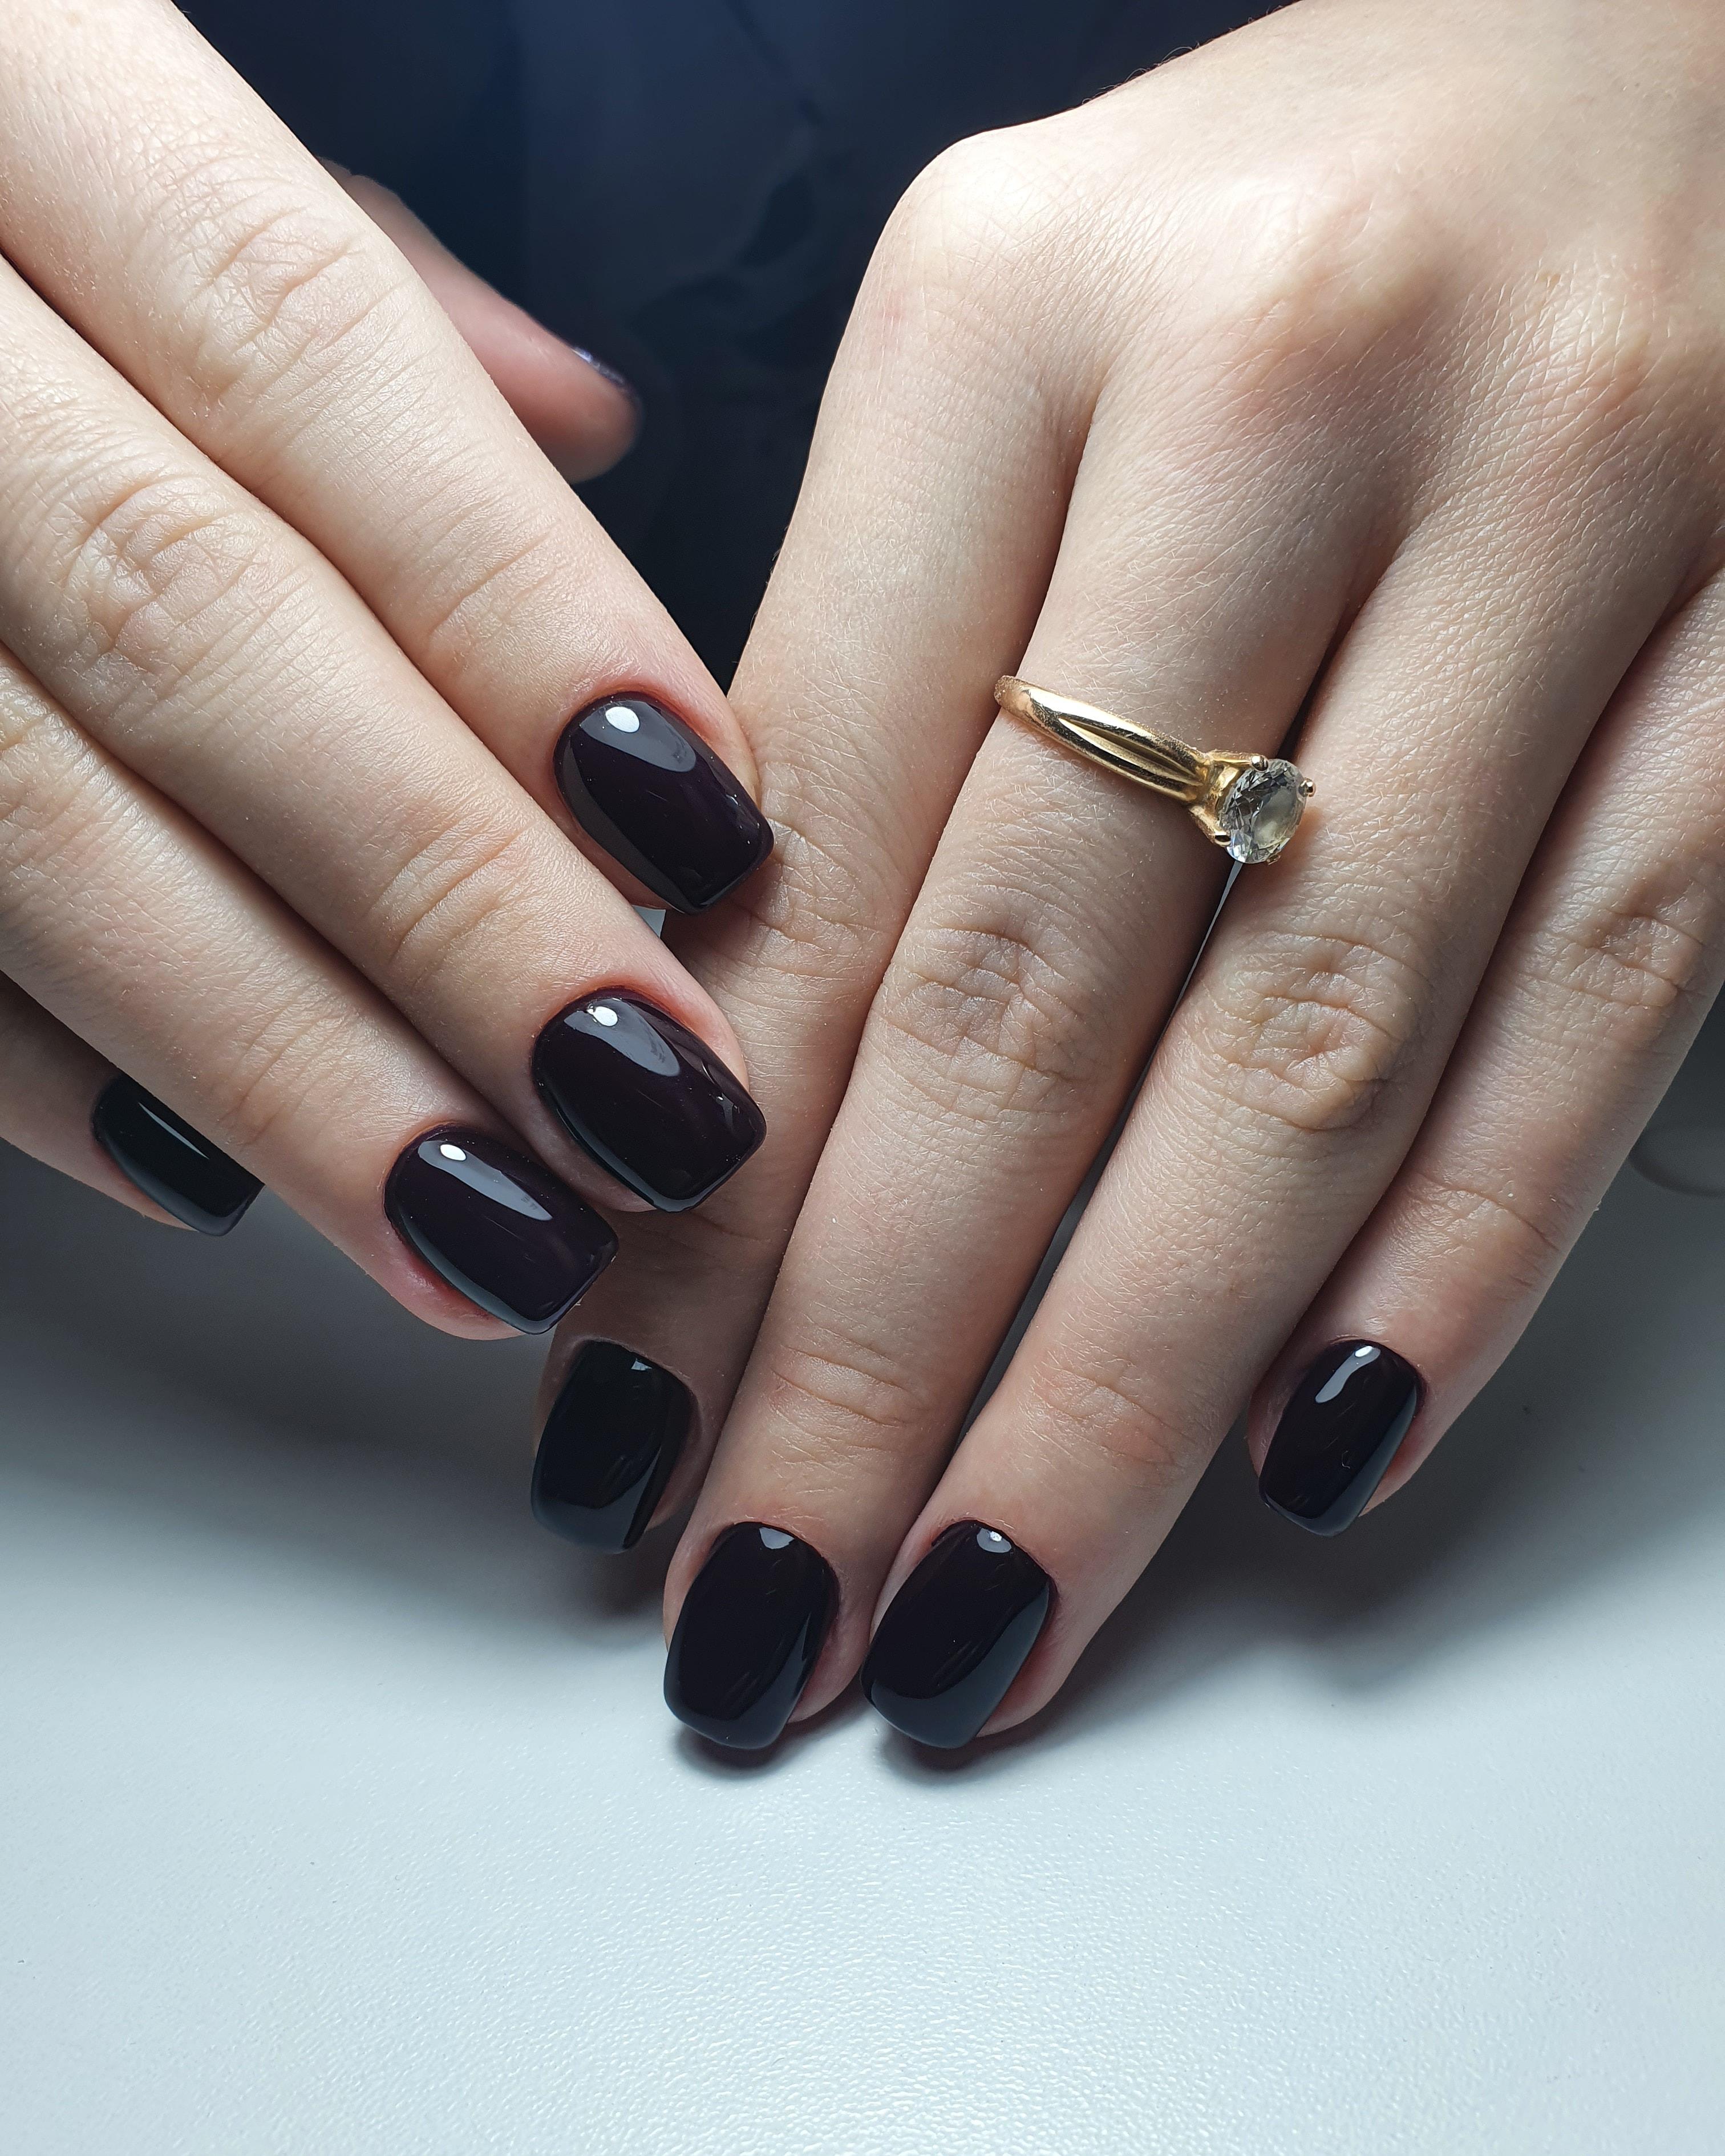 Маникюр в черном цвете на короткие ногти.